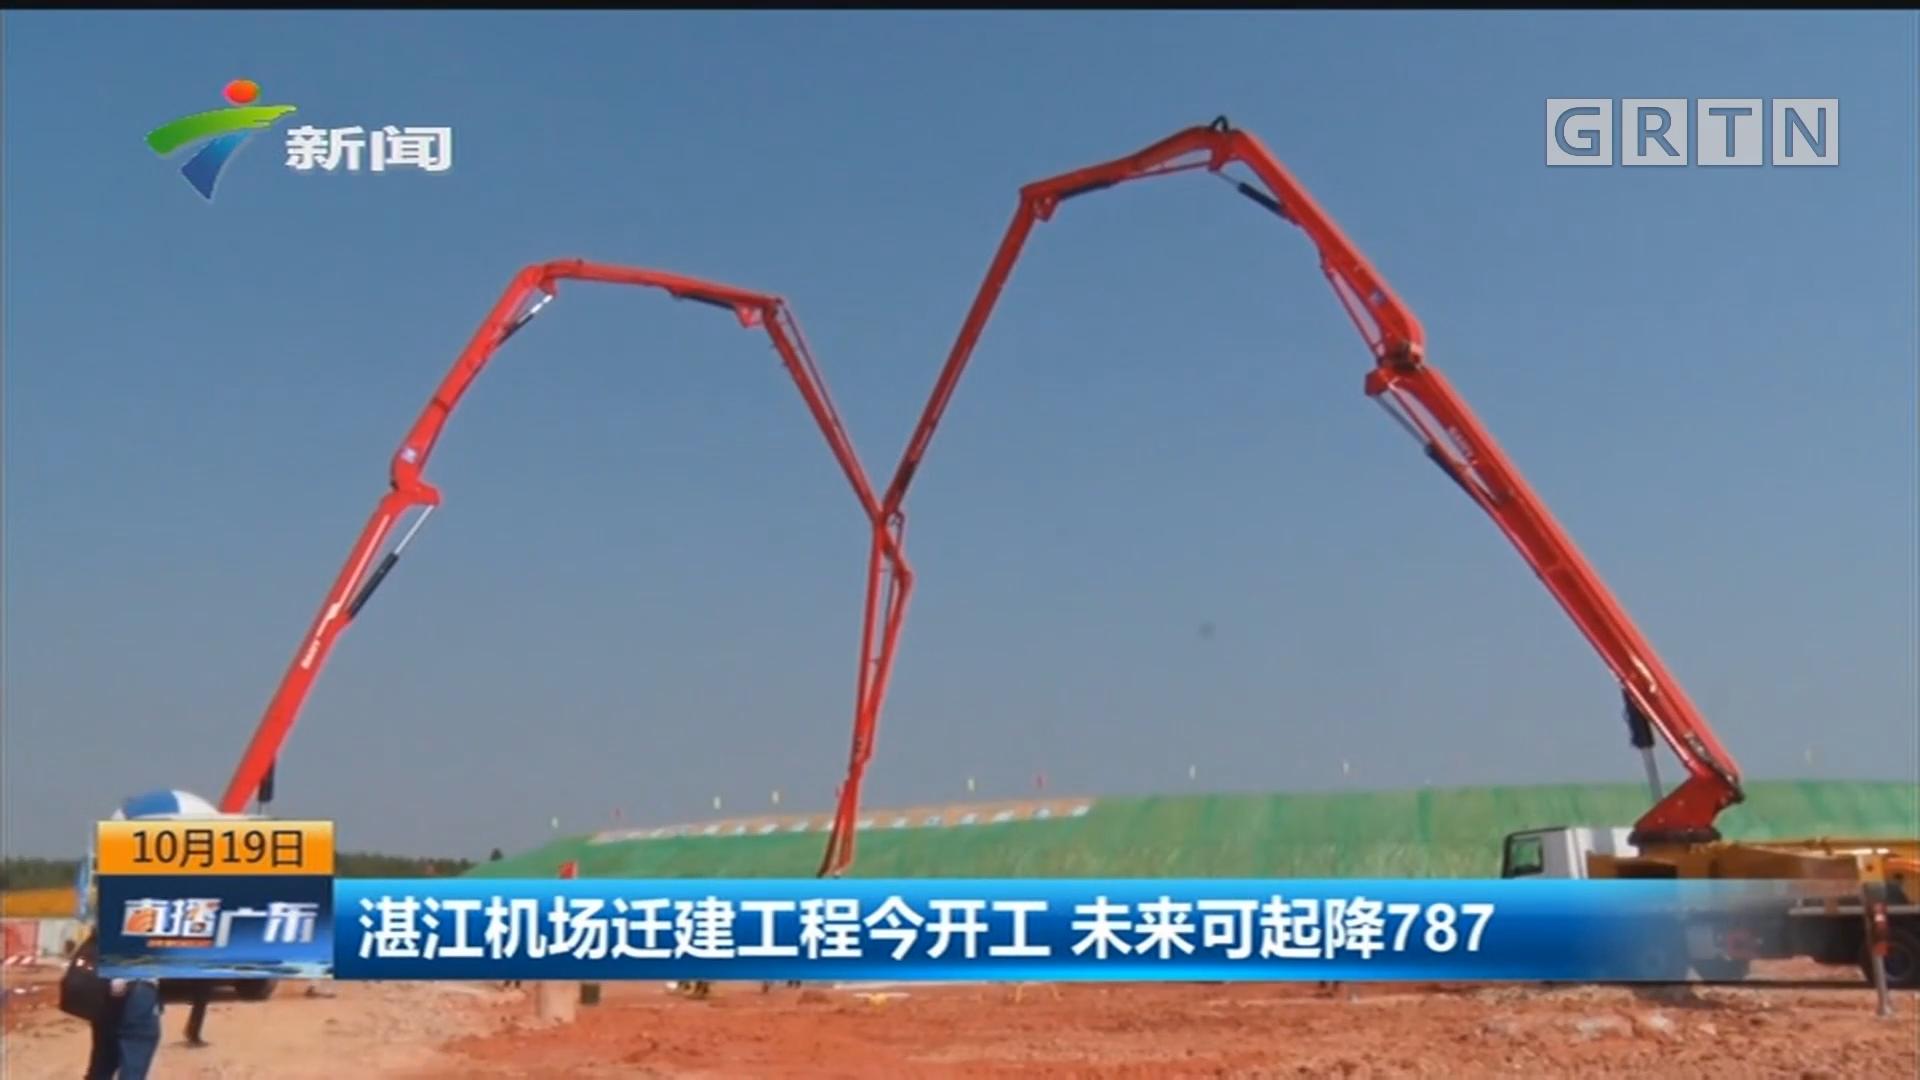 湛江机场迁建工程今开工 未来可起降787